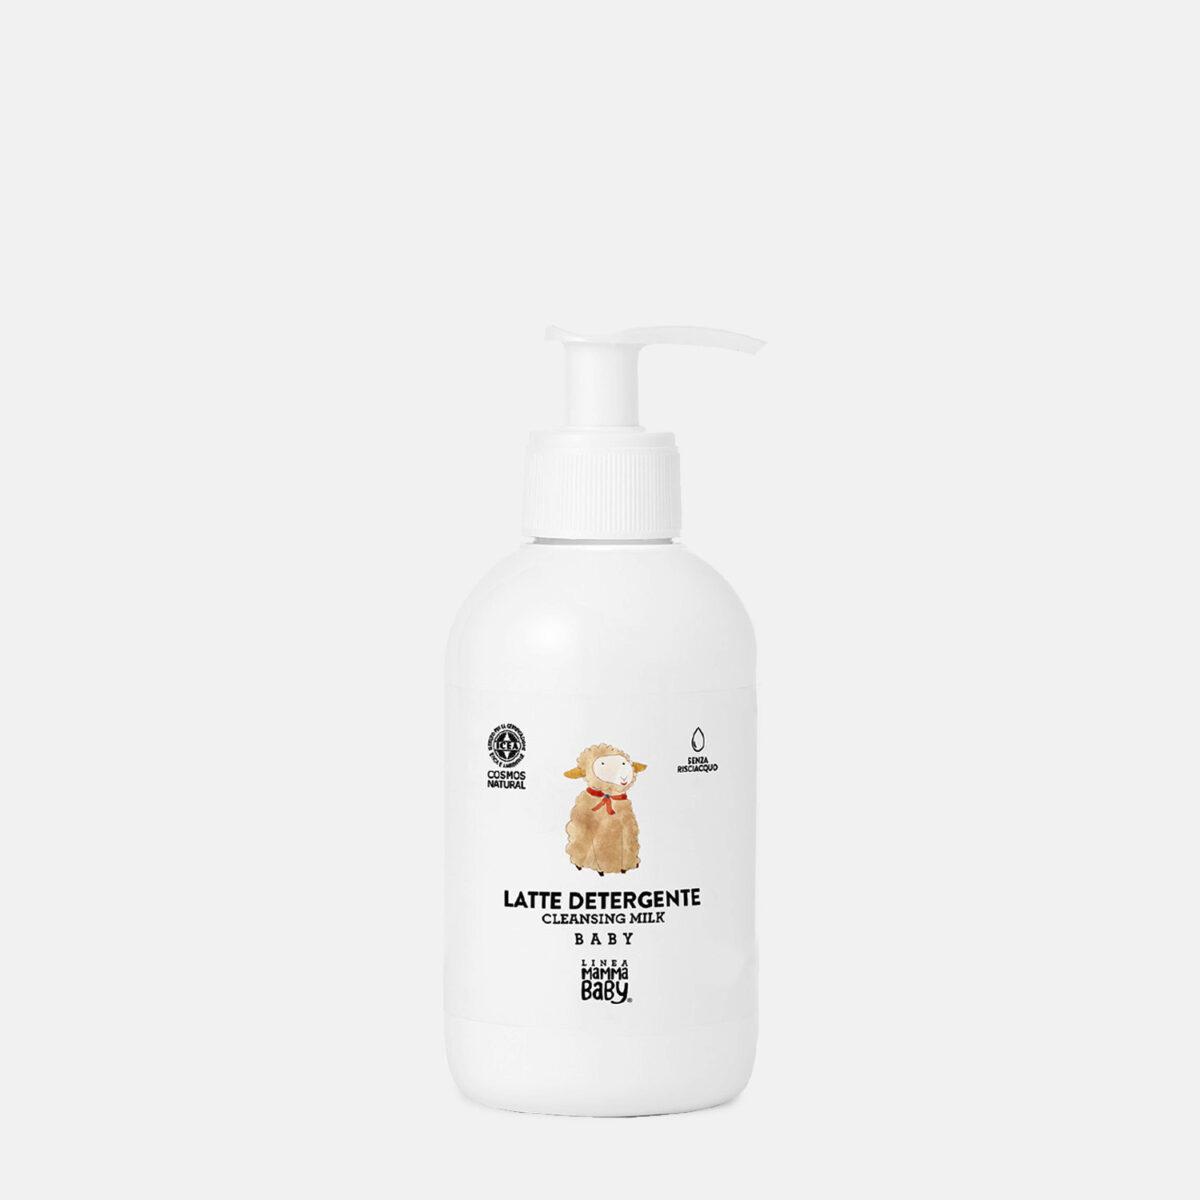 latte_detergente